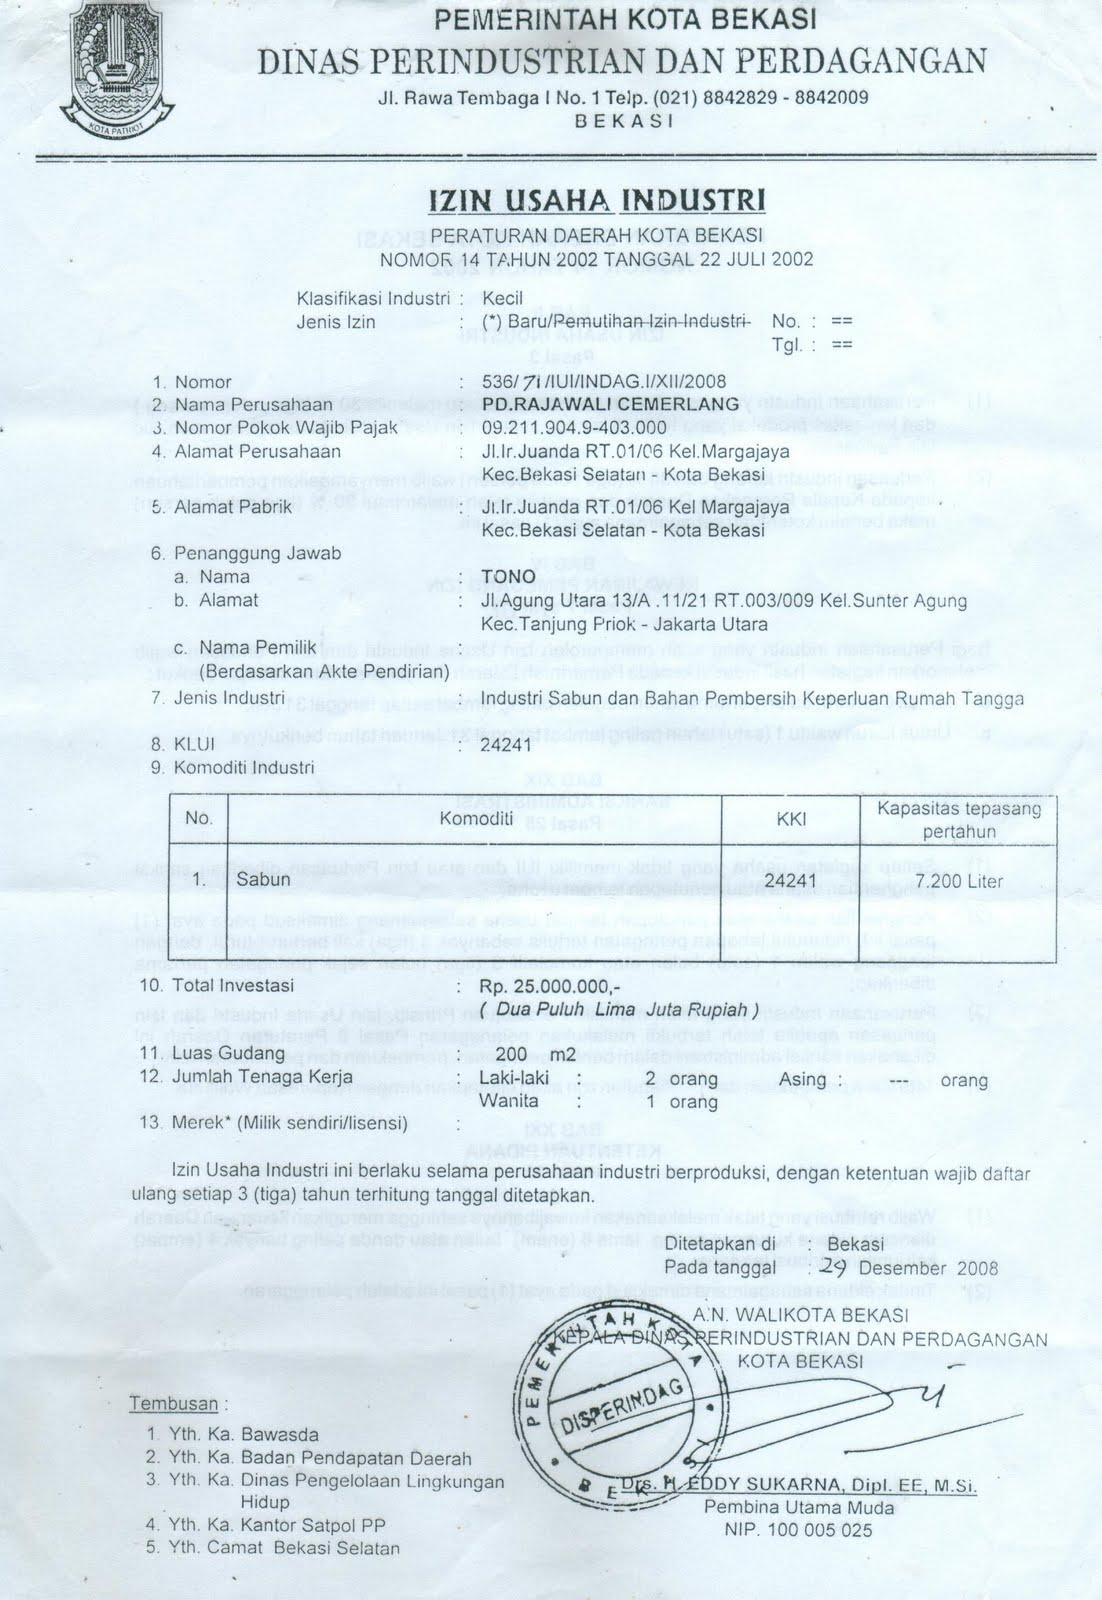 Contoh Surat Perizinan Usaha